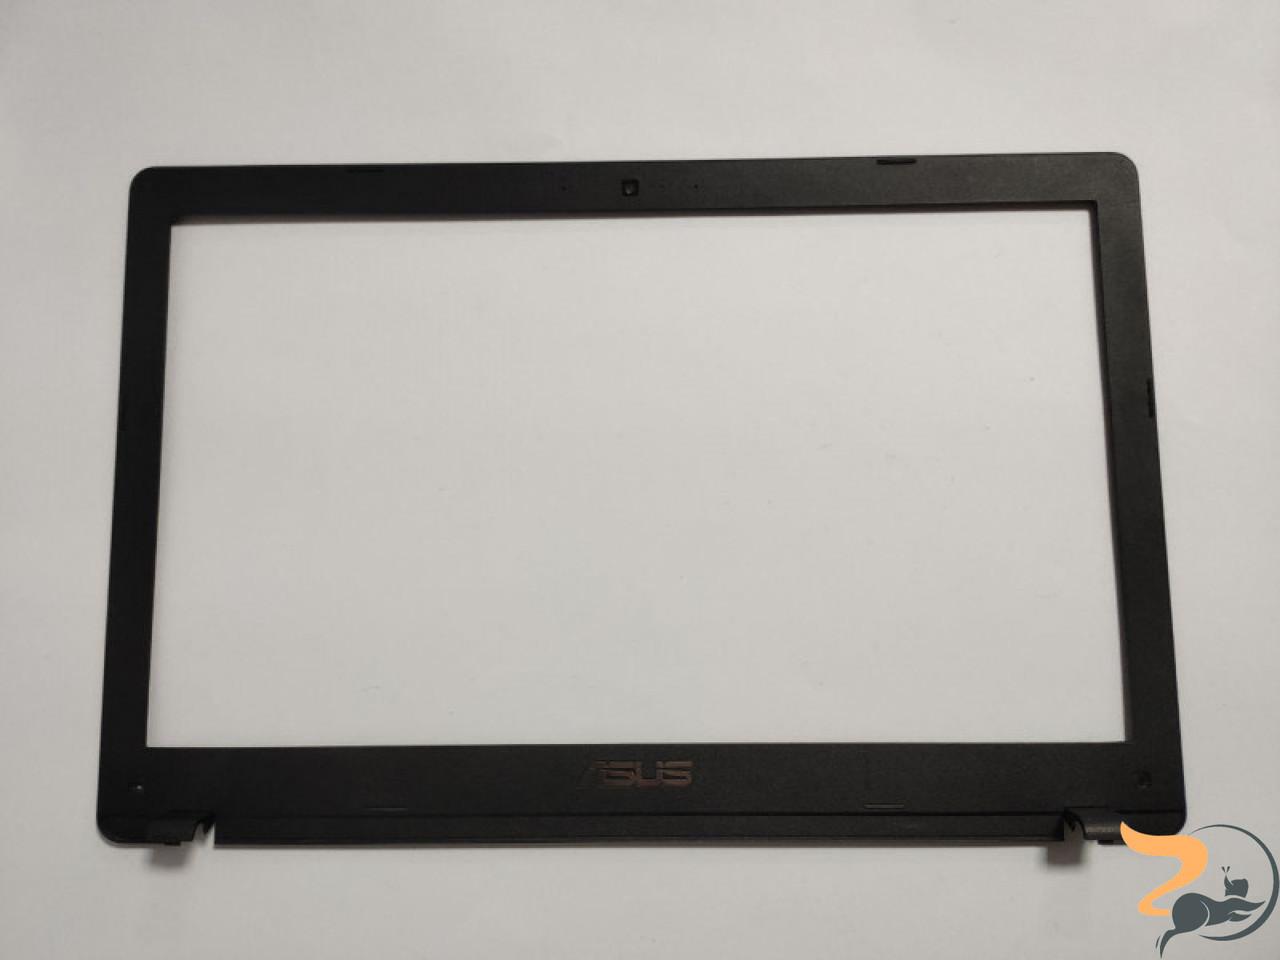 """Рамка матриці для ноутбука для ноутбука Asus X550M, X550, K550, F550, R510, X552, 15.6"""", 13NB00T1P0401X, 13NB00T1P04017, 13NB00T1AP0502, 13N0-PEA0T02,"""